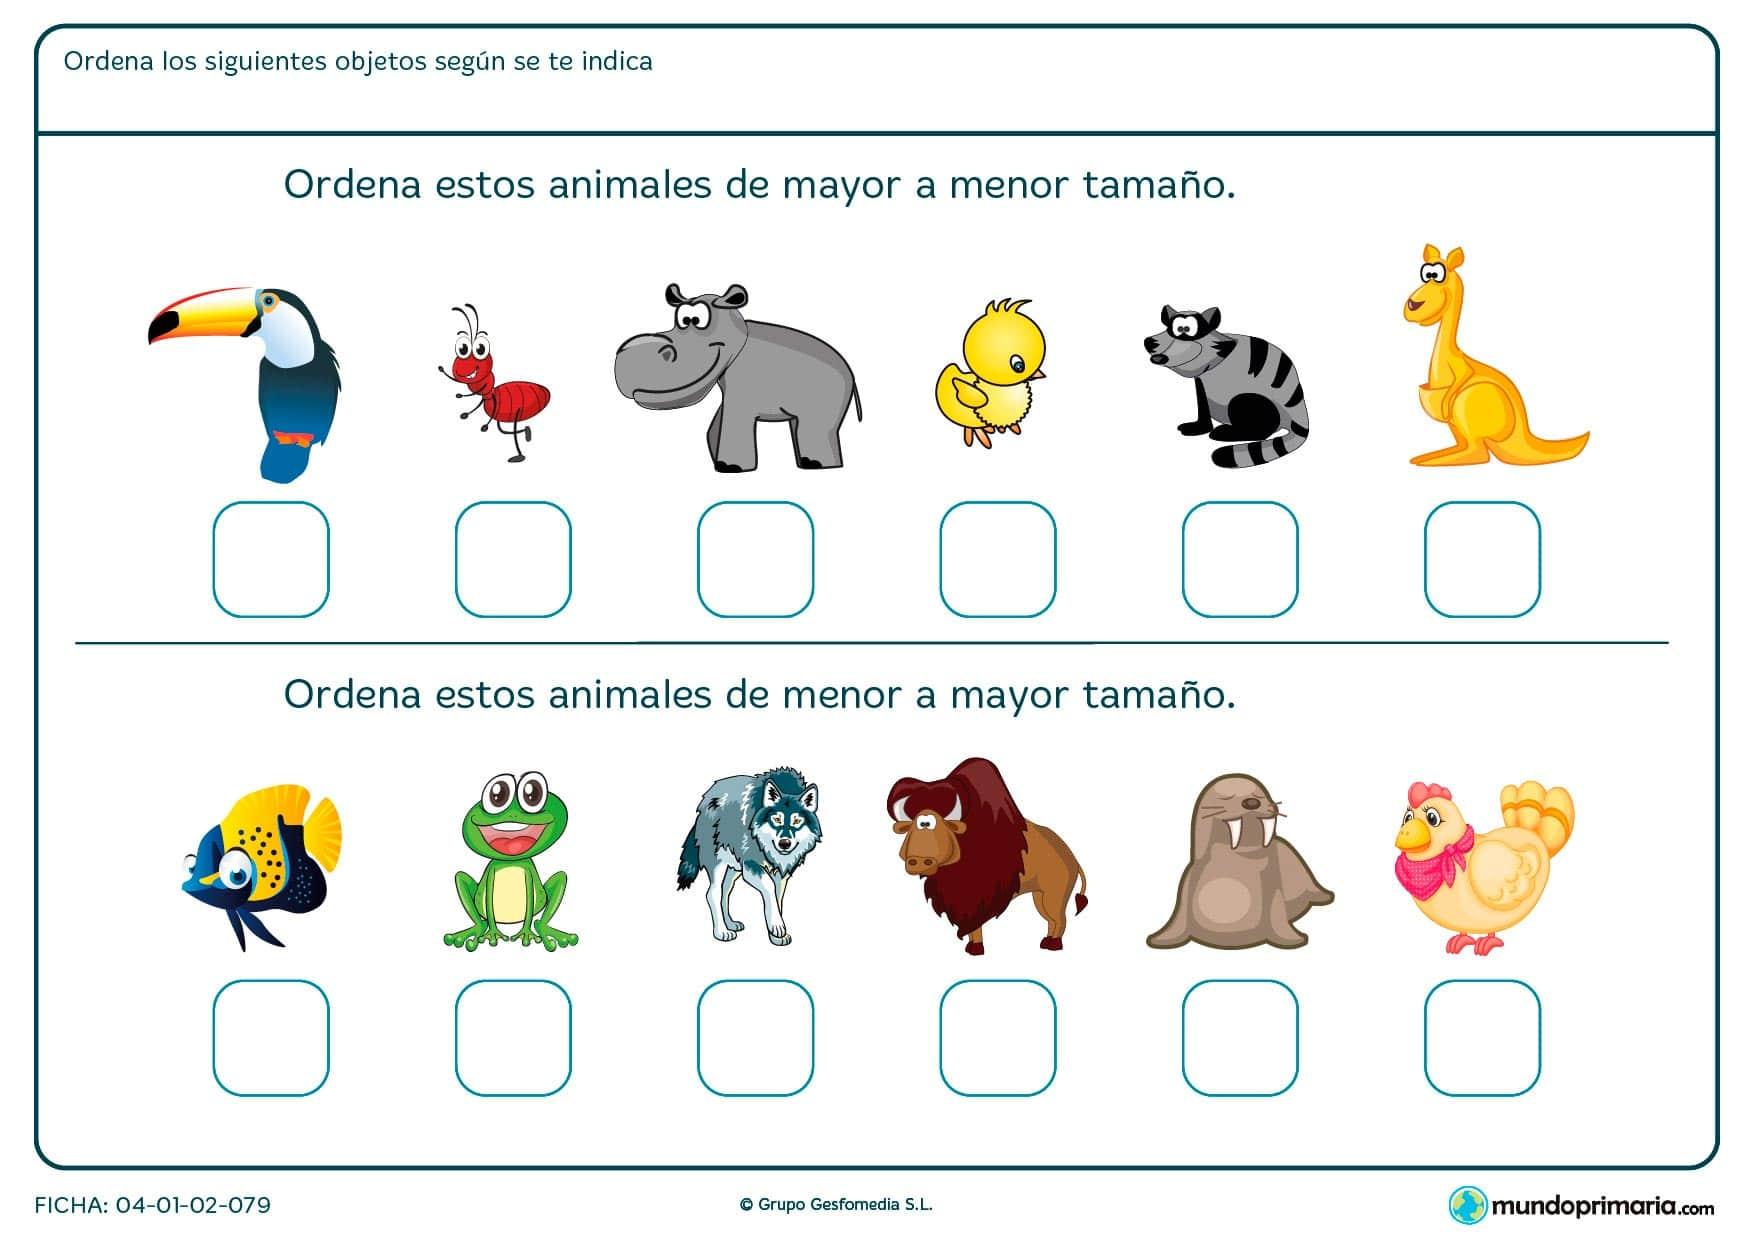 Ficha de mayor tamaño o de menor tamaño entre animales, marca la opción correcta.